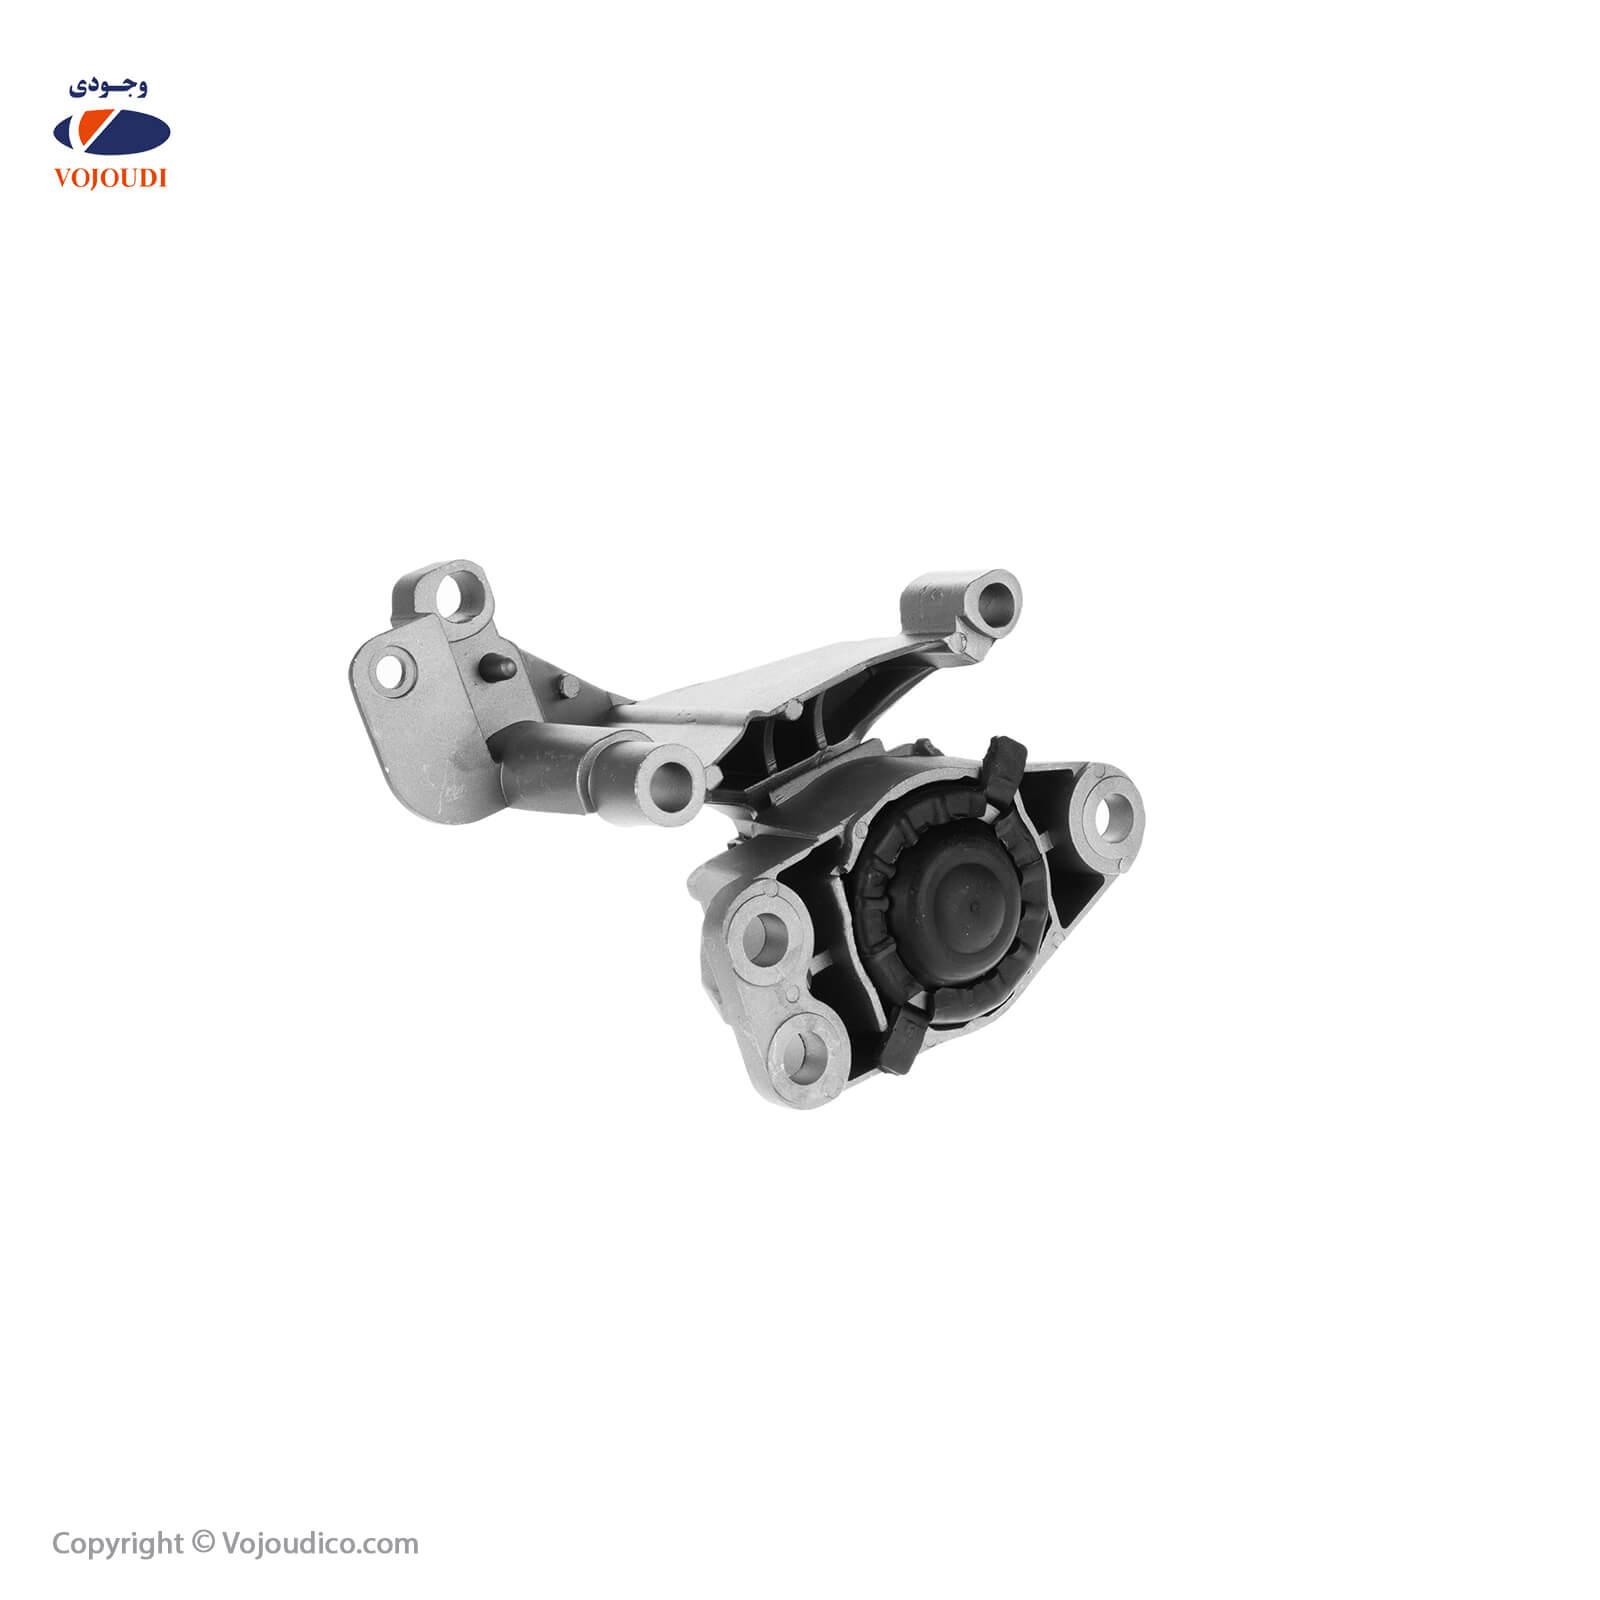 4292 1 - دسته موتور وجودی کد 4292 مناسب برای L90